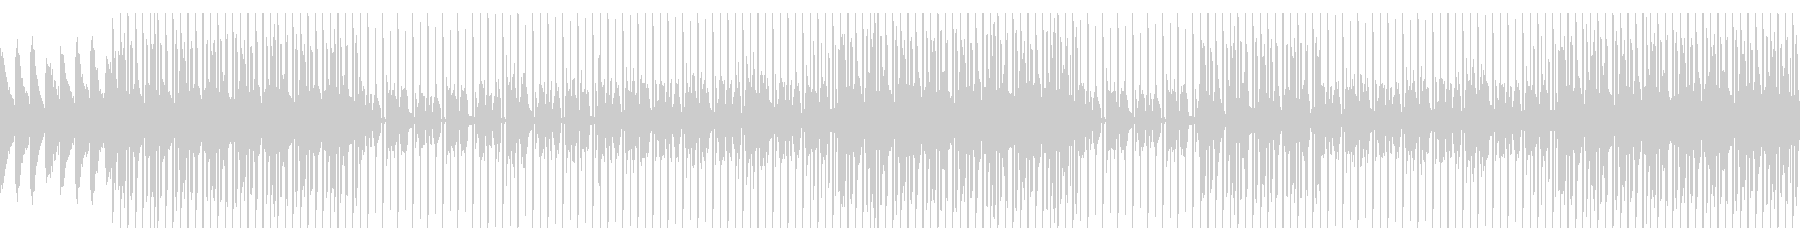 シティポップ風のオシャレなBGMの未再生の波形